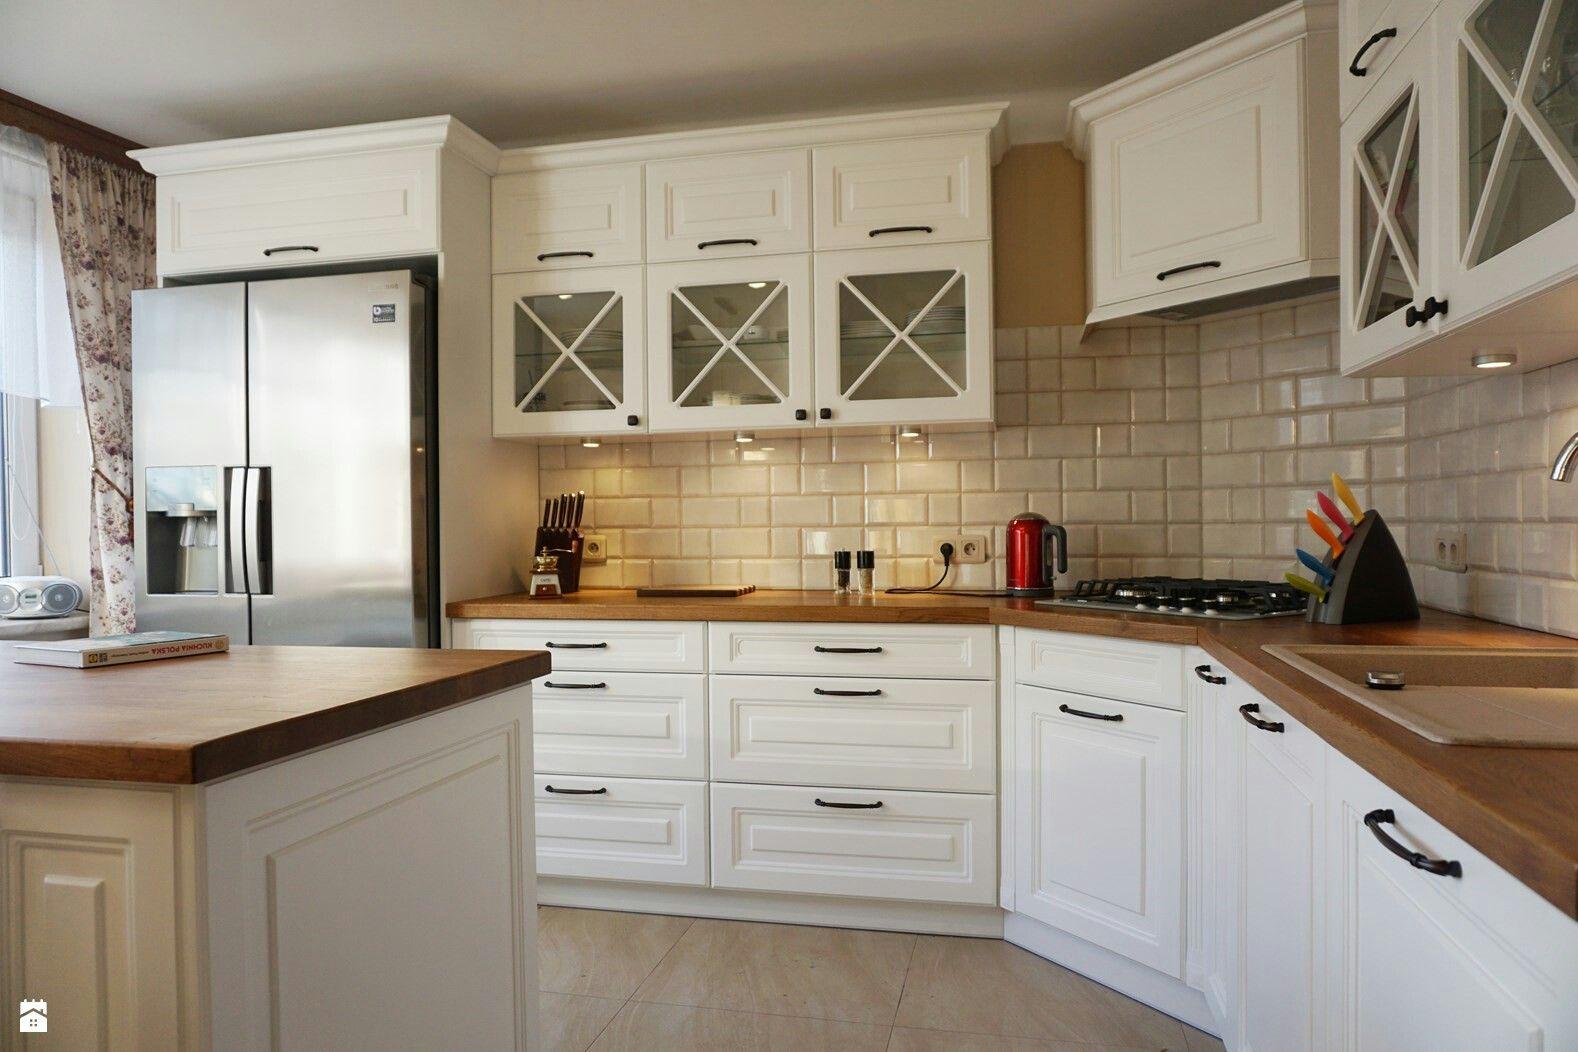 U-förmige küchendesigns pin von christian nekbow auf küche  pinterest  kuchen